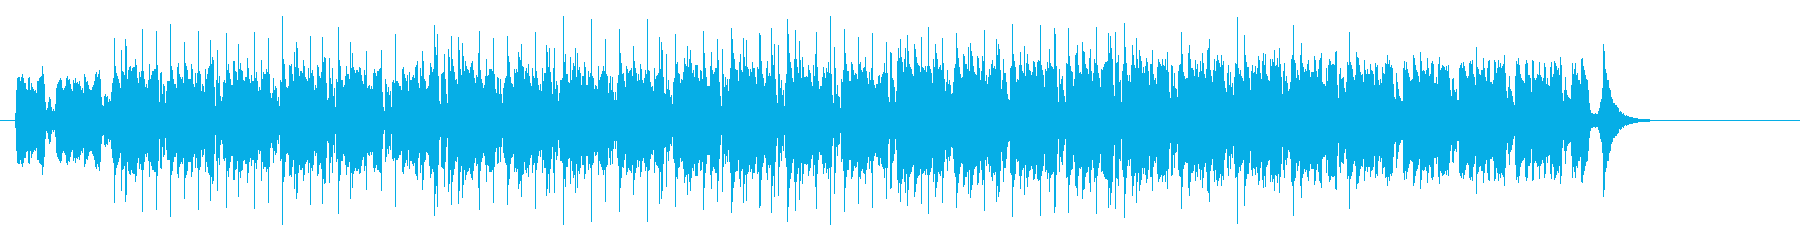 アンダーグラウンド・テクノ・ハウス風の再生済みの波形